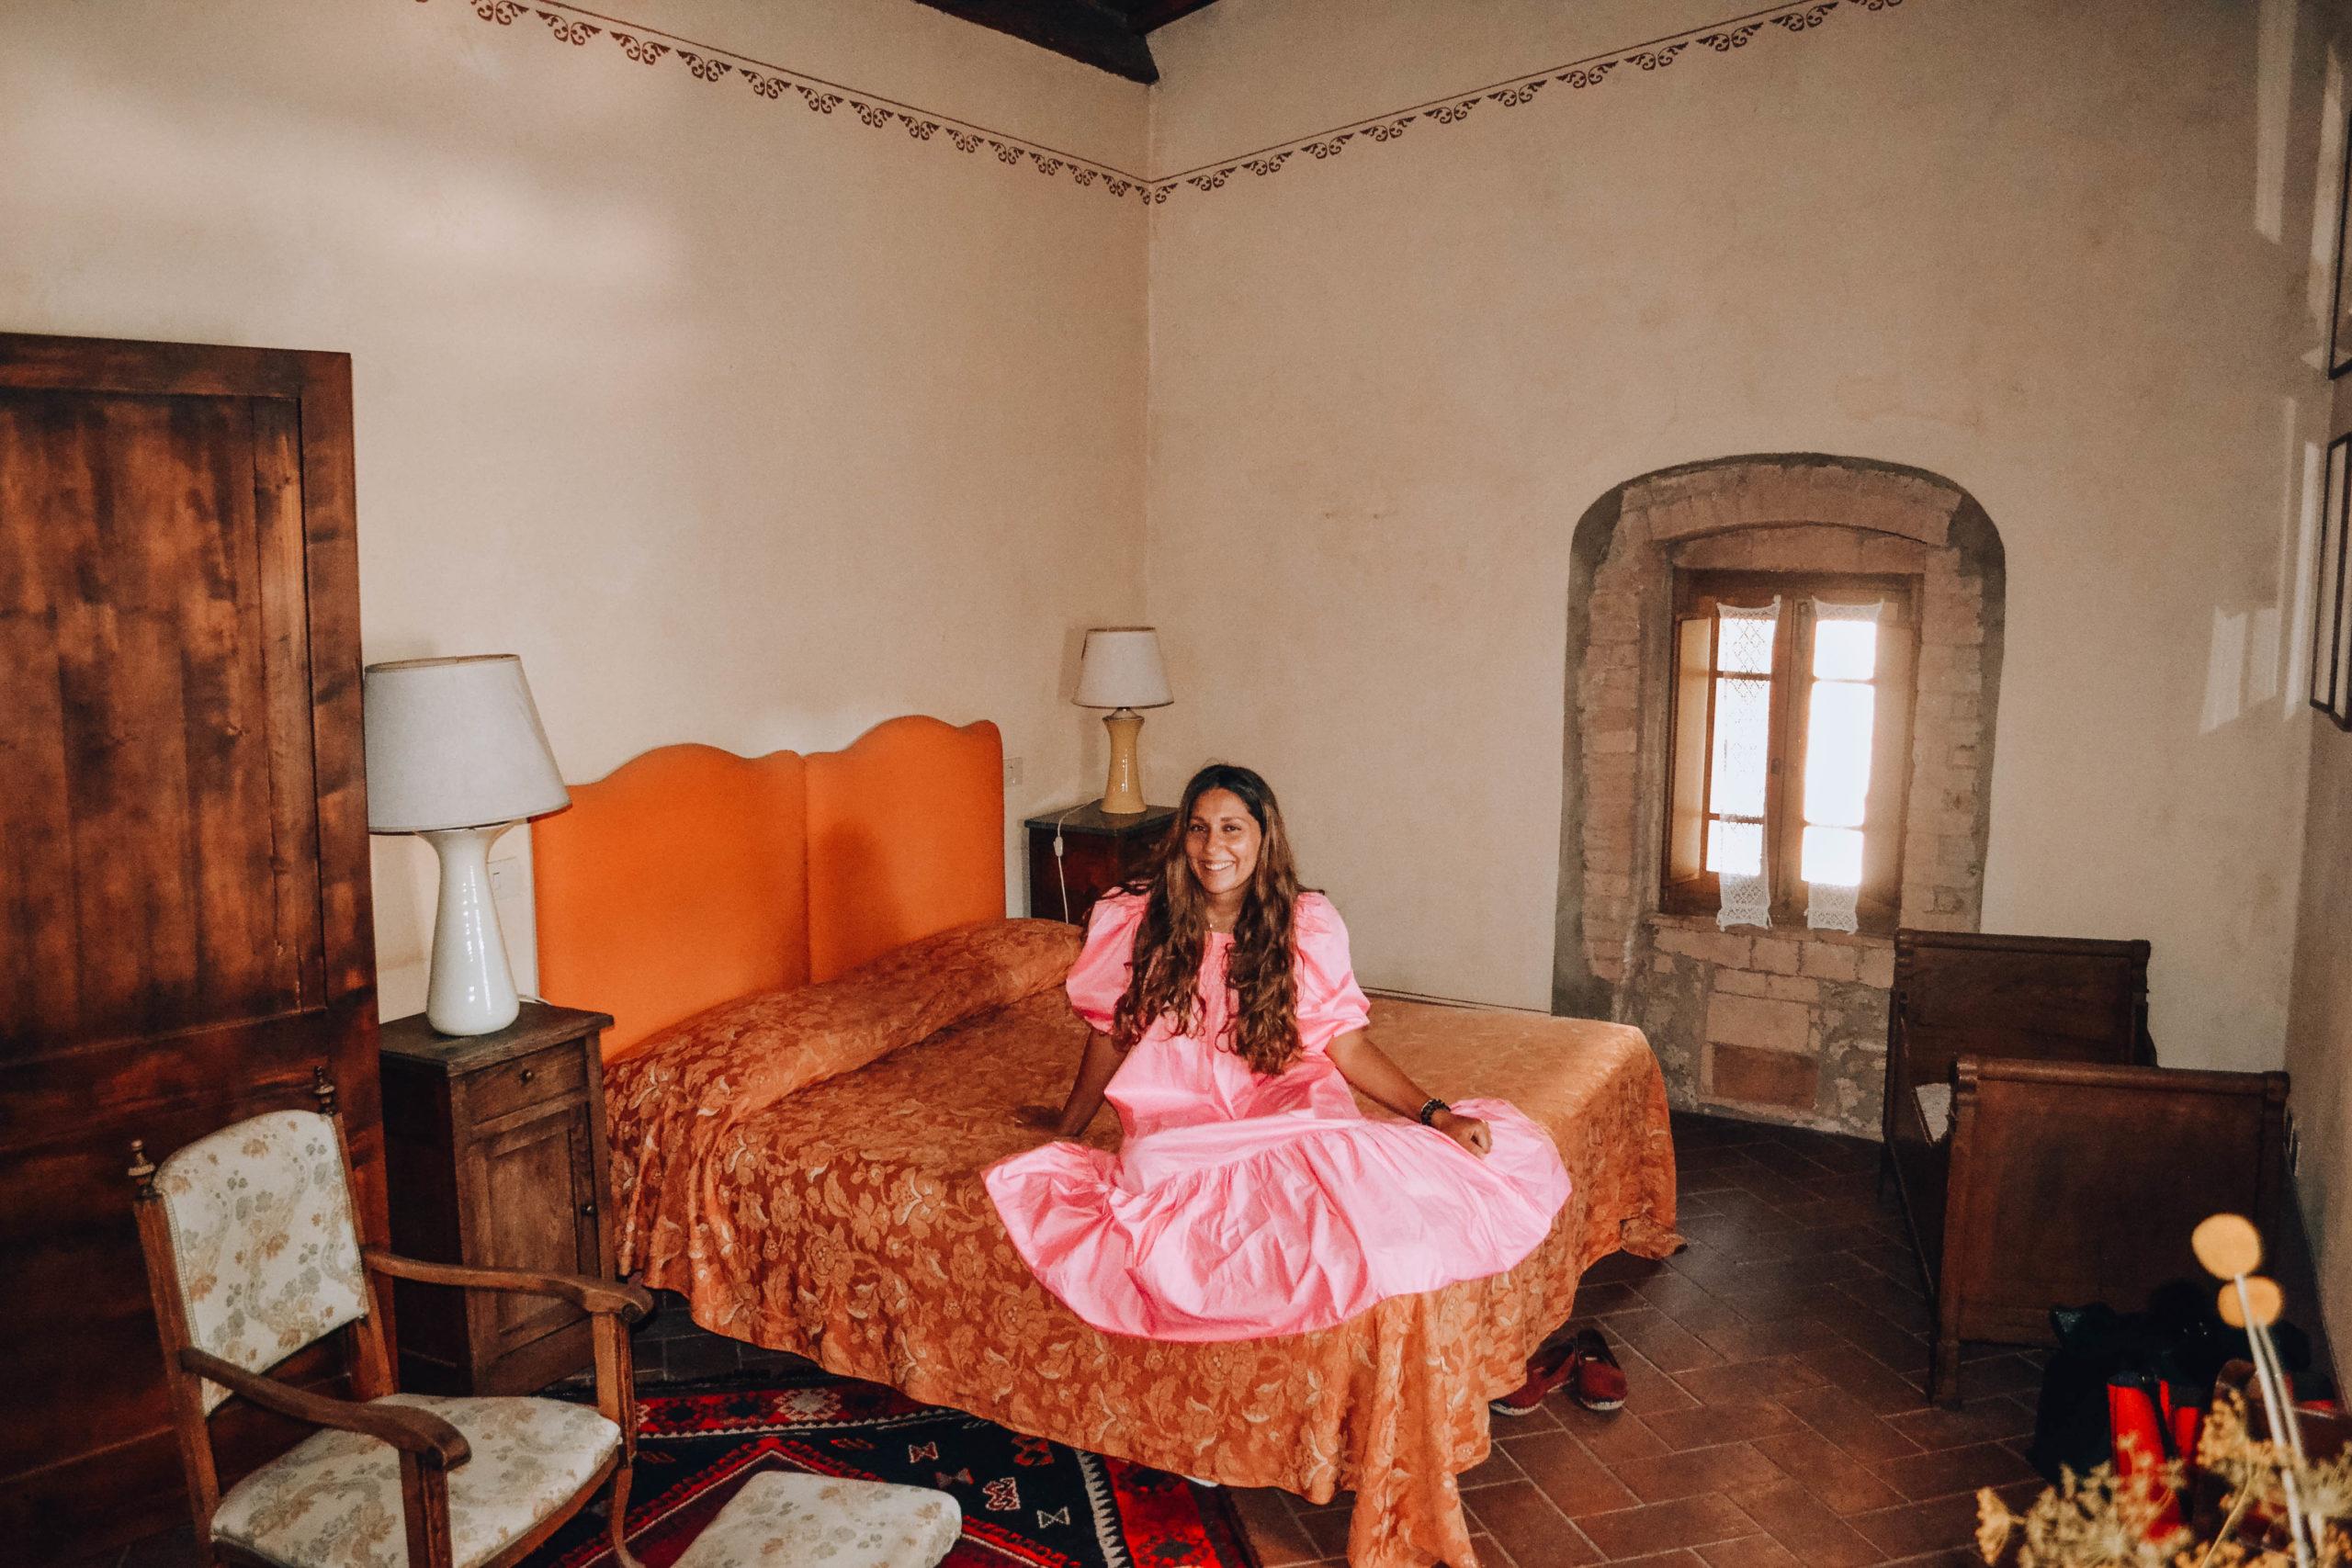 ragazza con vestito rosa in camera romantica con mobili legno